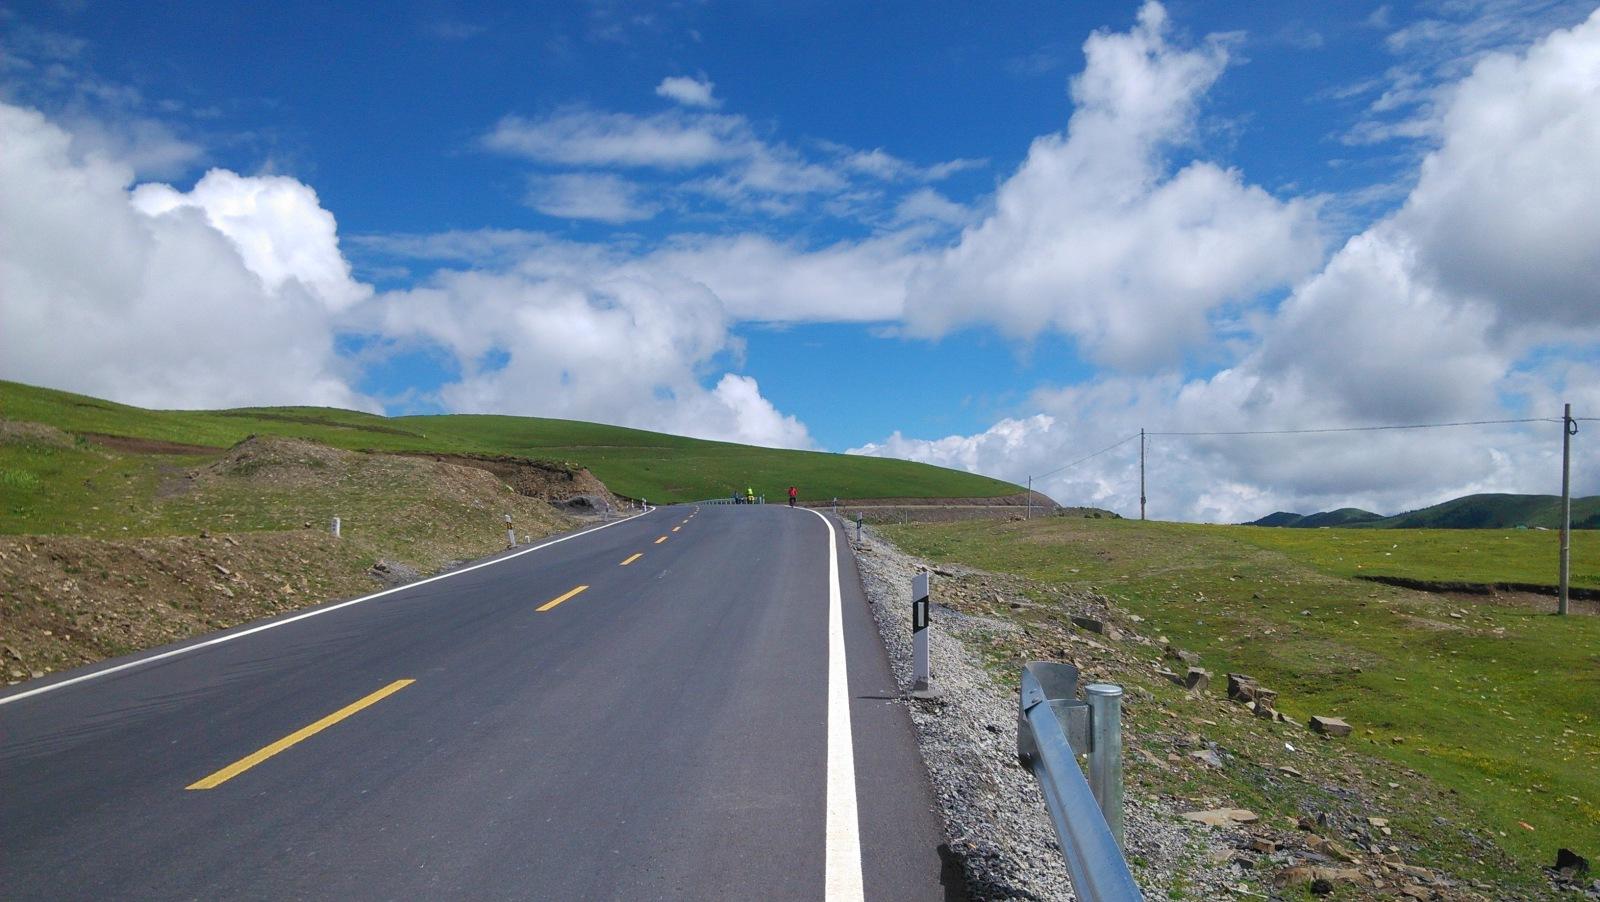 美丽的公路,咱用轮子丈量:)